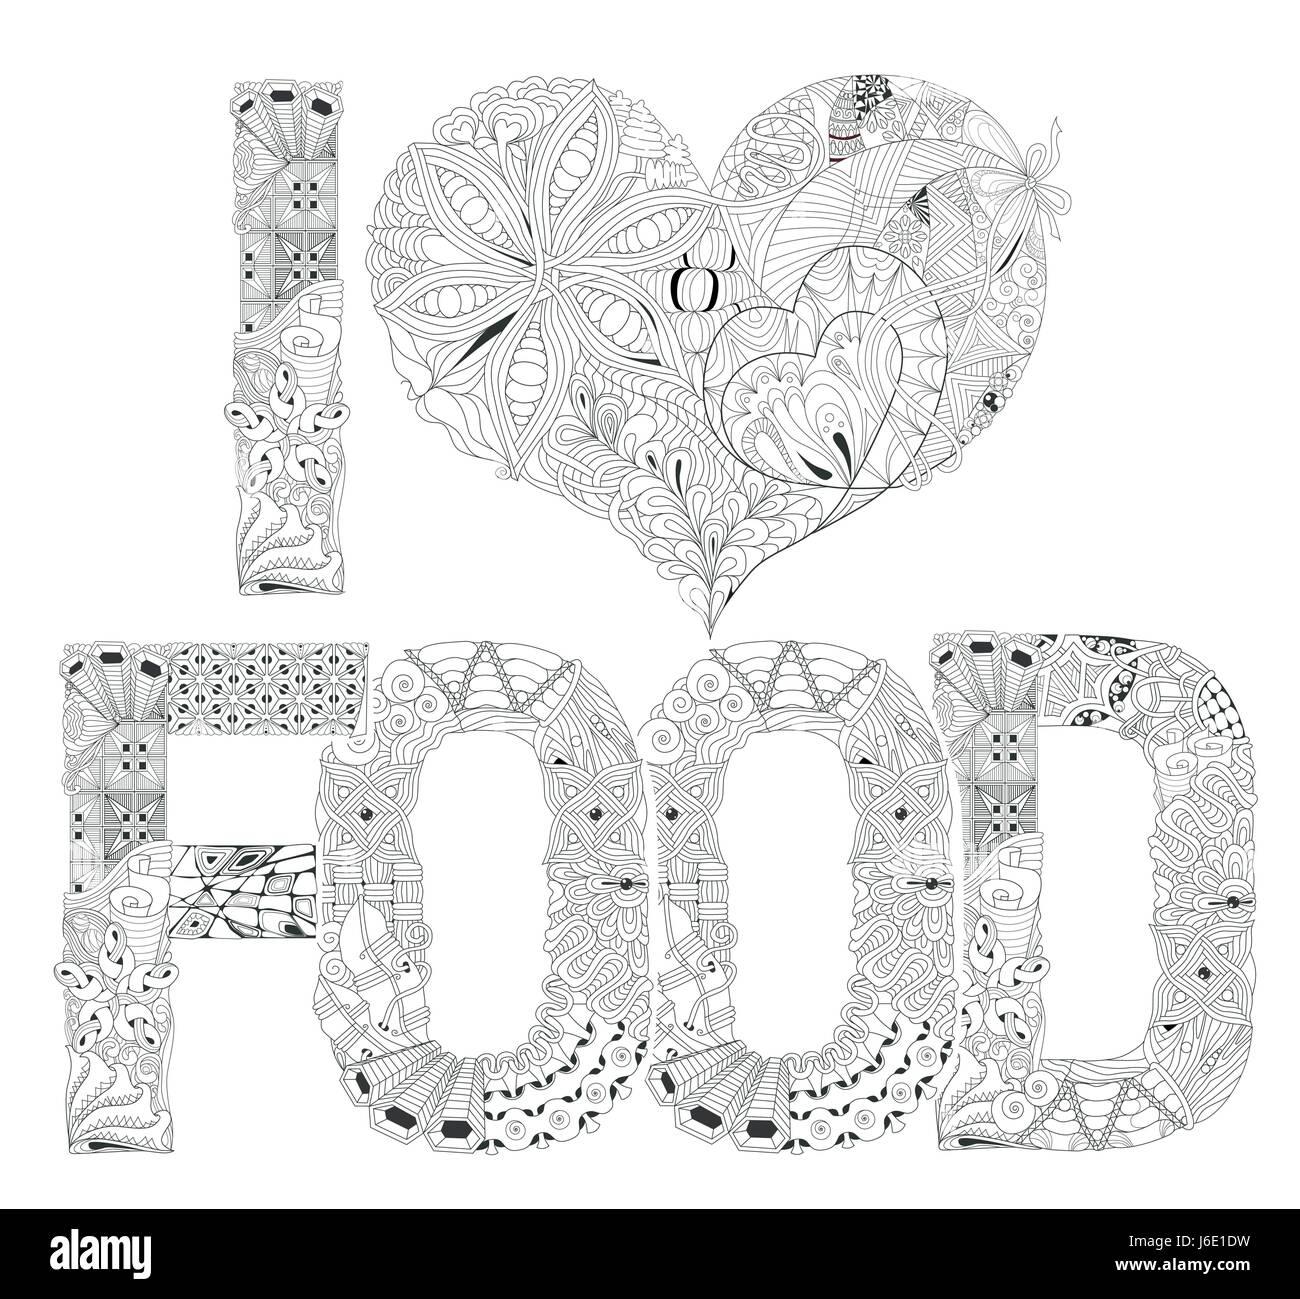 Das Wort Ich Liebe Essen Zum Ausmalen Dekorative Zentangle